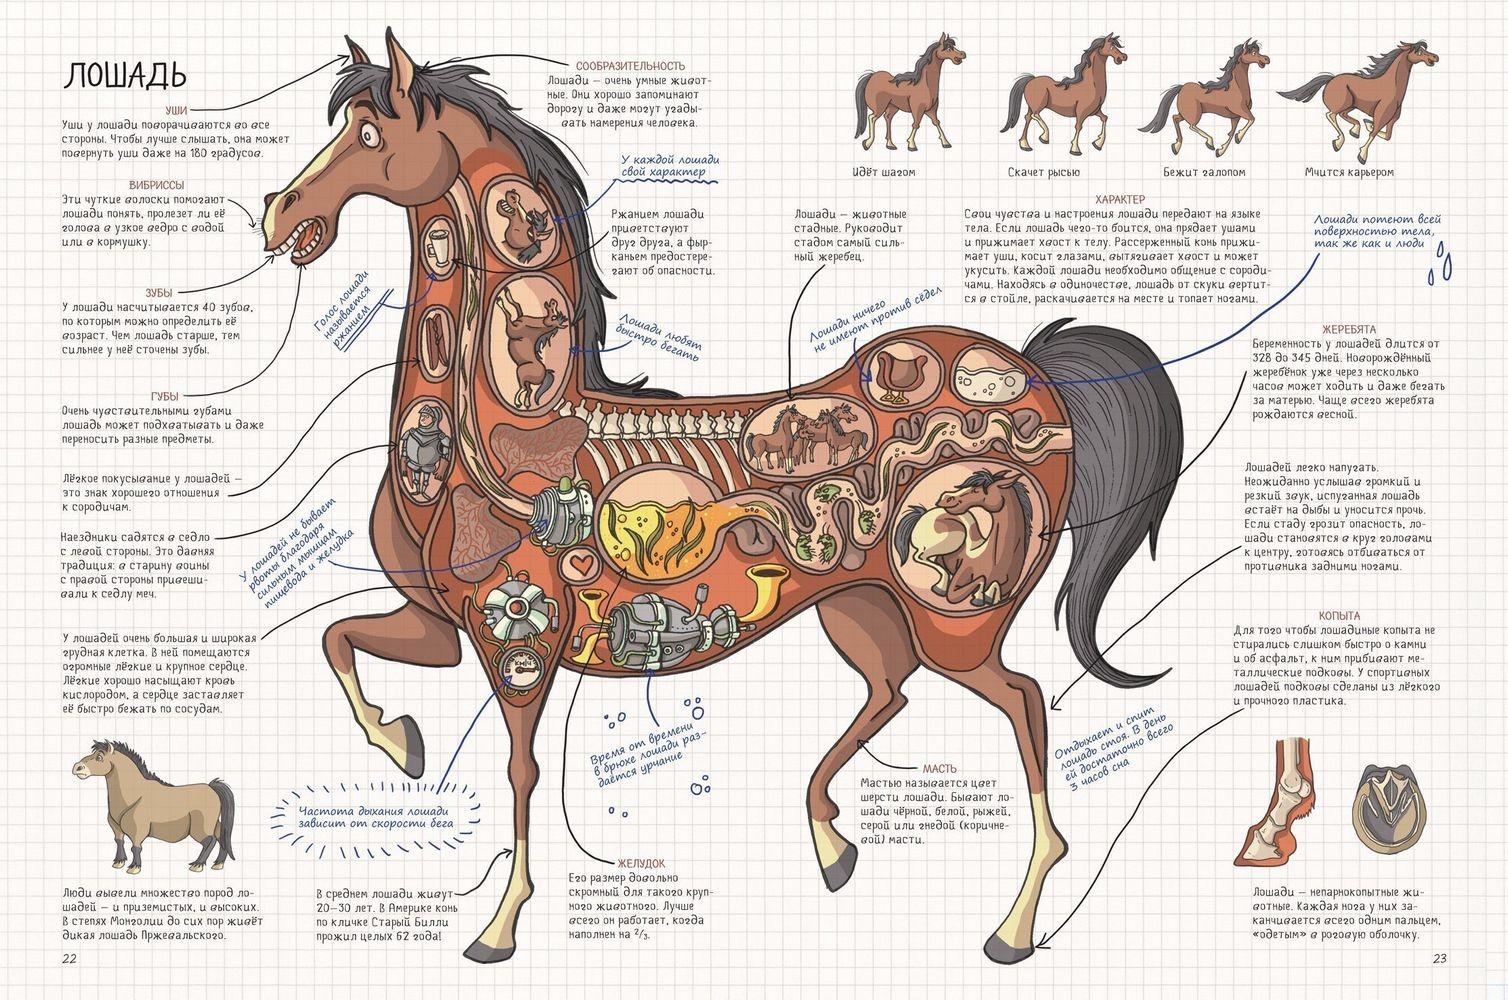 Зубы у лошади: анатомия, определение возраста